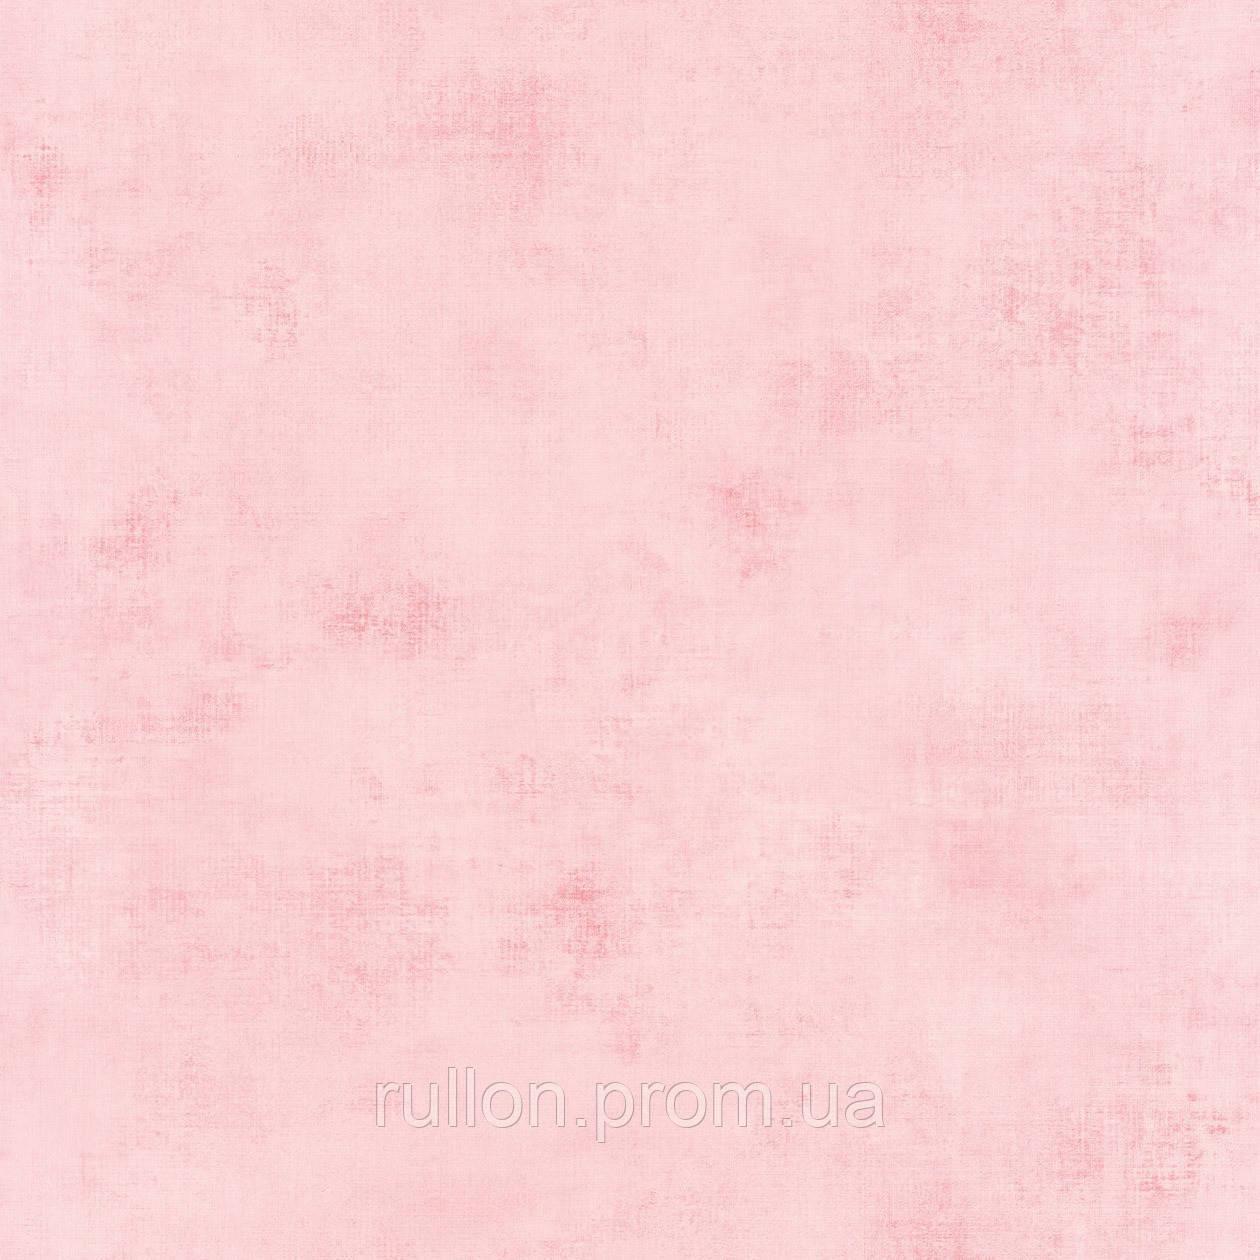 Обои Caselio TELAS 69874050 (Флизелиновые, розовые)